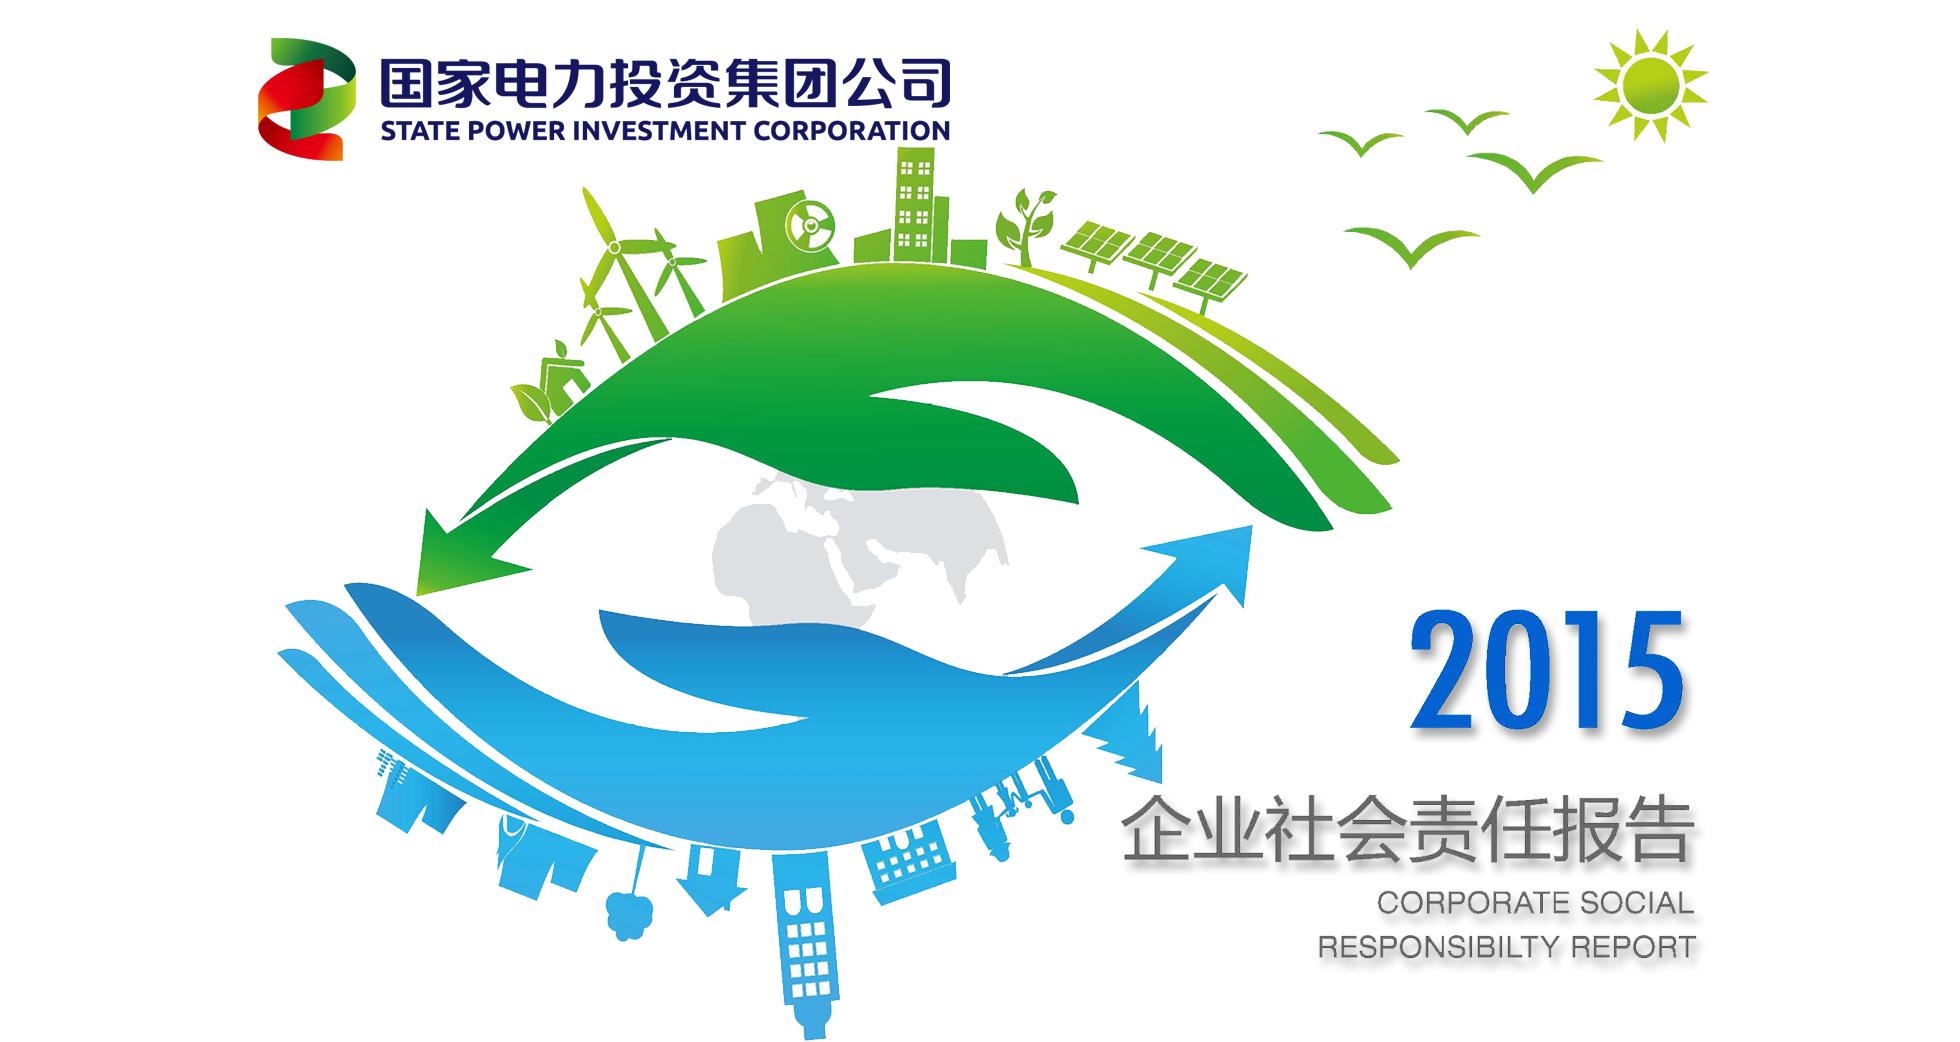 国家电力投资集团公司2015年社会责任报告